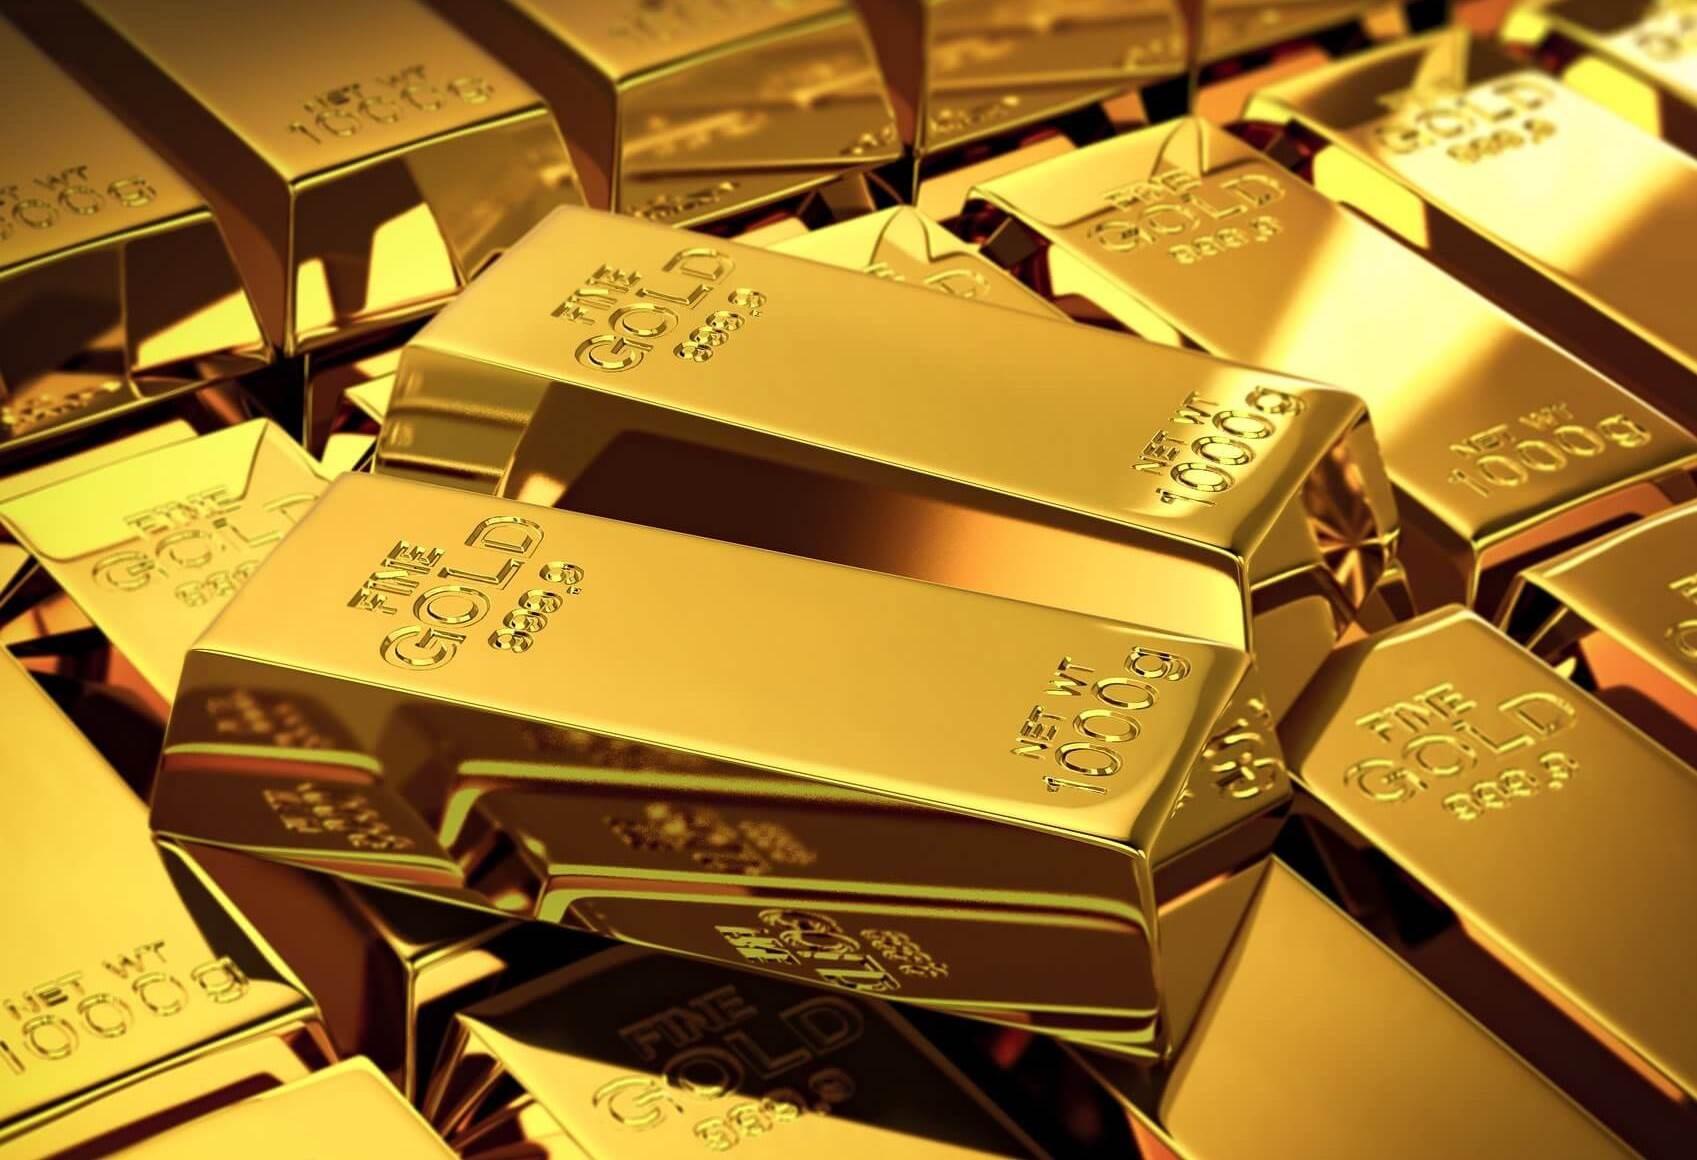 سعر الذهب يرتفع ويزداد طلبه في ظل توقعات اقتصادية متأرجحة